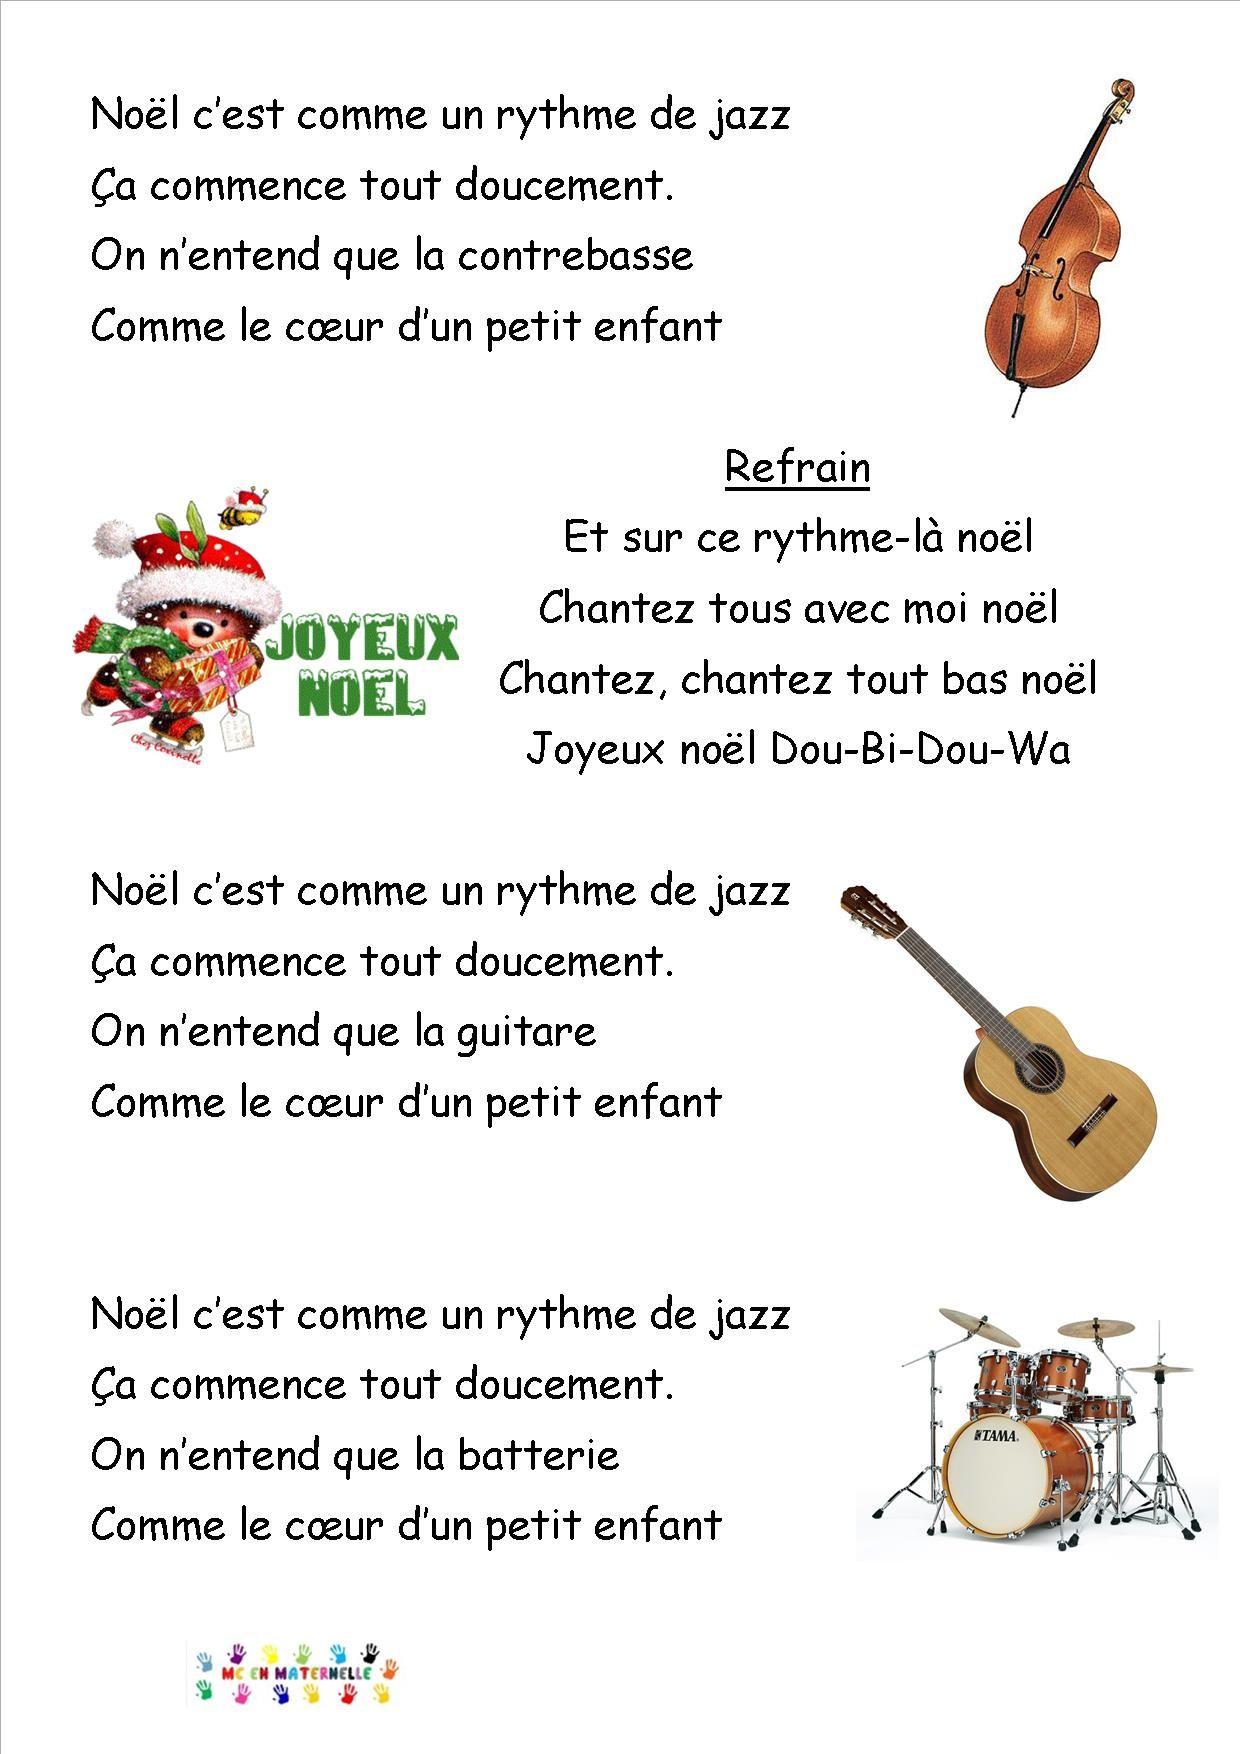 Noël C'est Comme Un Rythme De Jazz Paroles : noël, c'est, comme, rythme, paroles, Noël, Jazz,, Chanson, Noel,, Maternelle